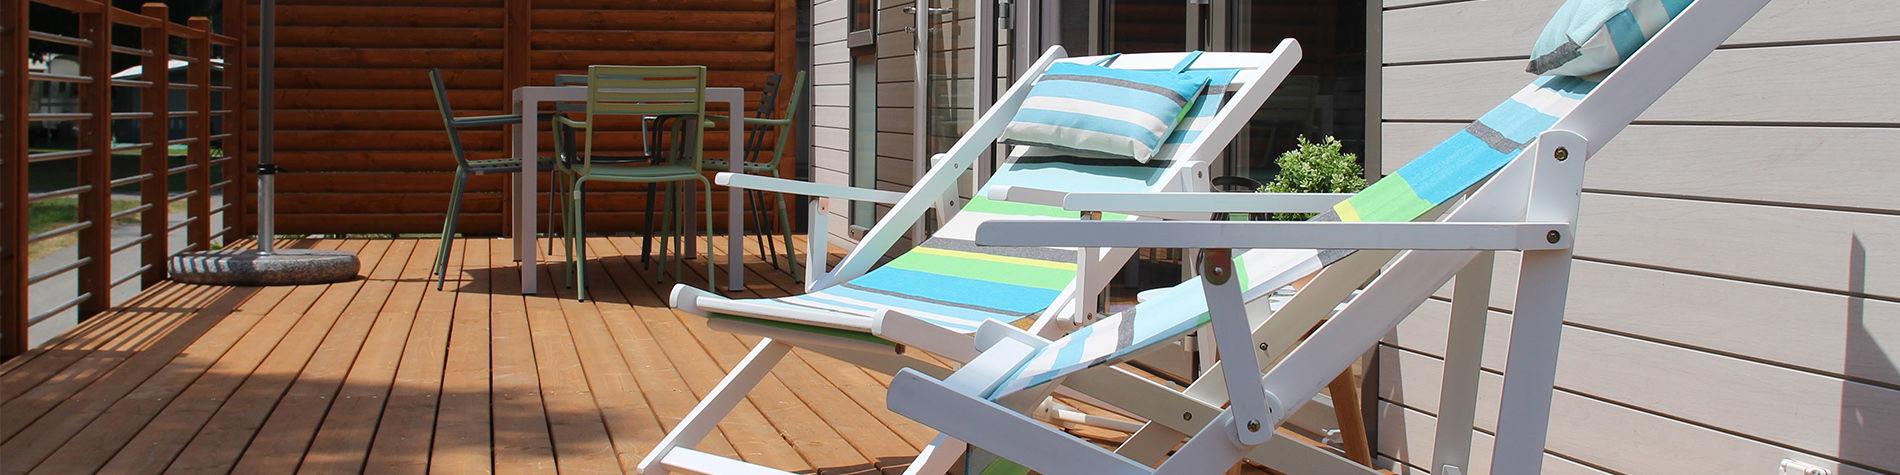 Housse De Canape Pour Mobil Home mobilhome - tcs suisse